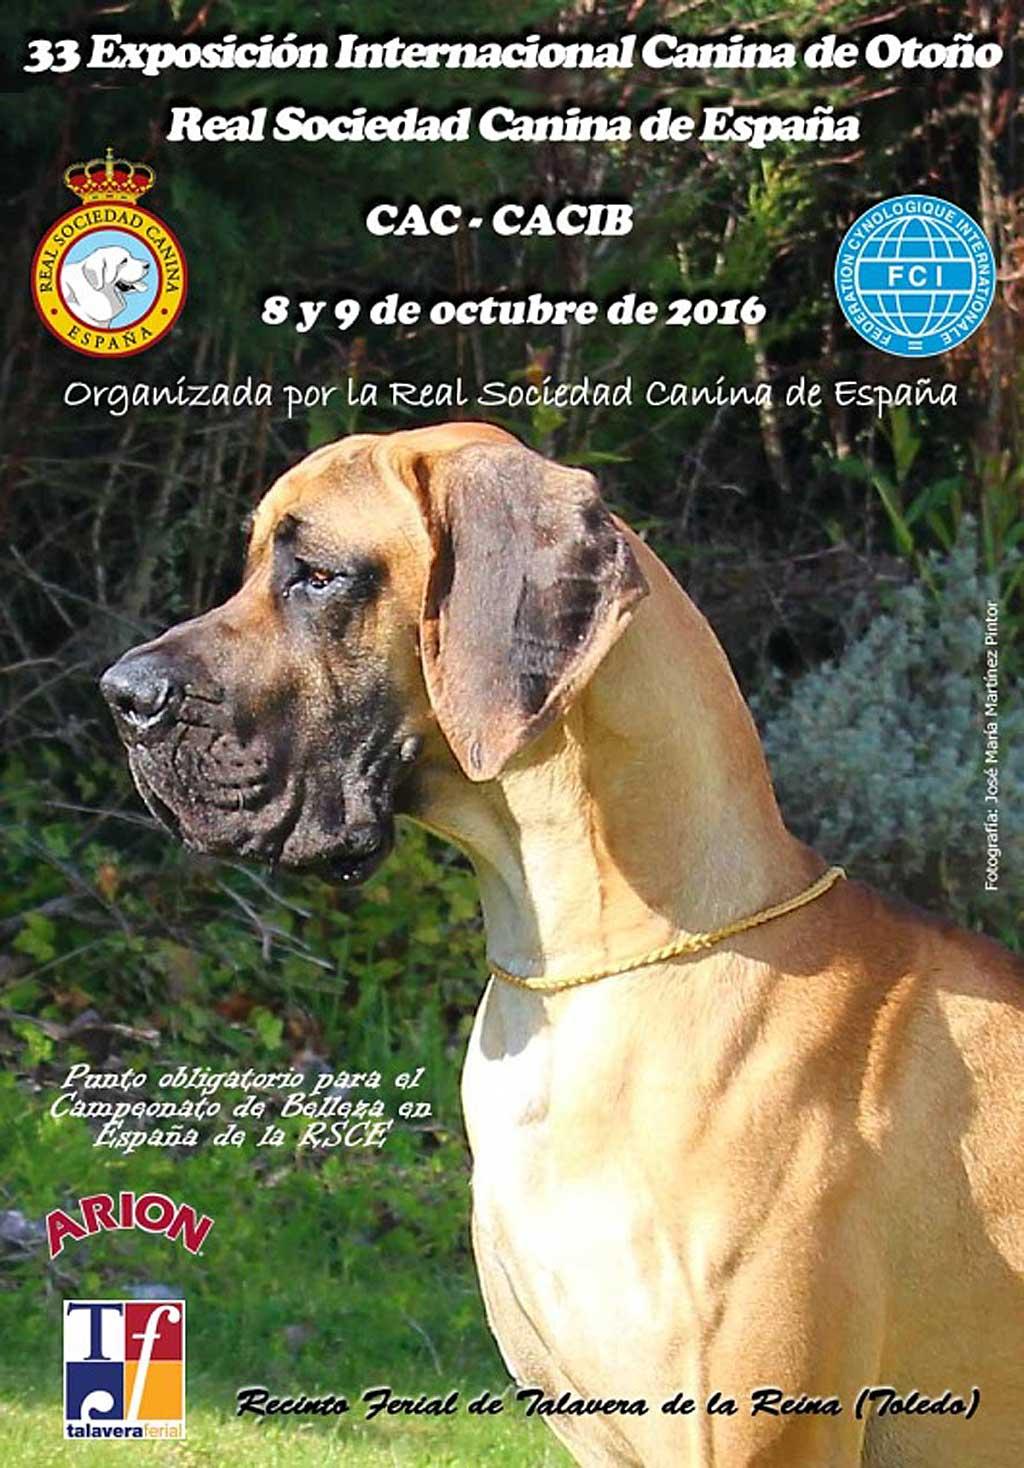 Más de 3.500 perros se darán cita en la Exposición Internacional Canina de Otoño en Talavera de la Reina (Toledo)